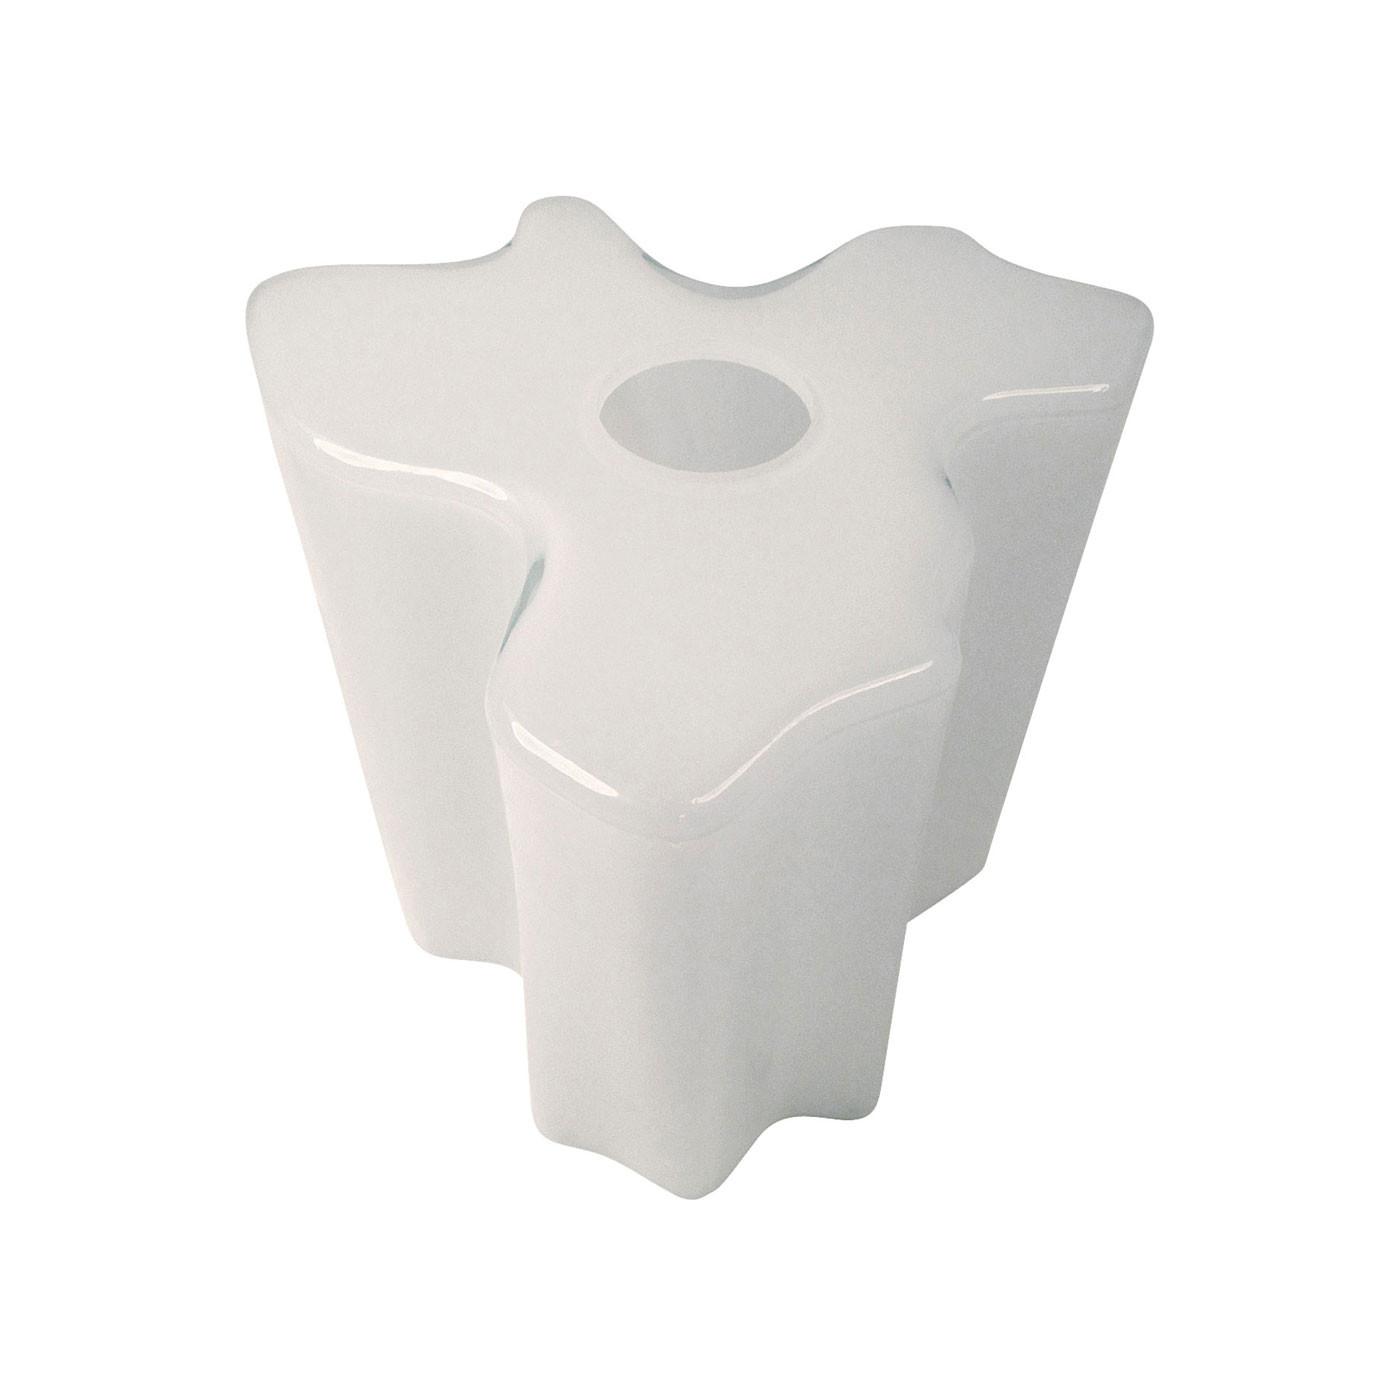 Artemide Logico Micro Ersatzglas für Decken-, Pendel- und Tischleuchte